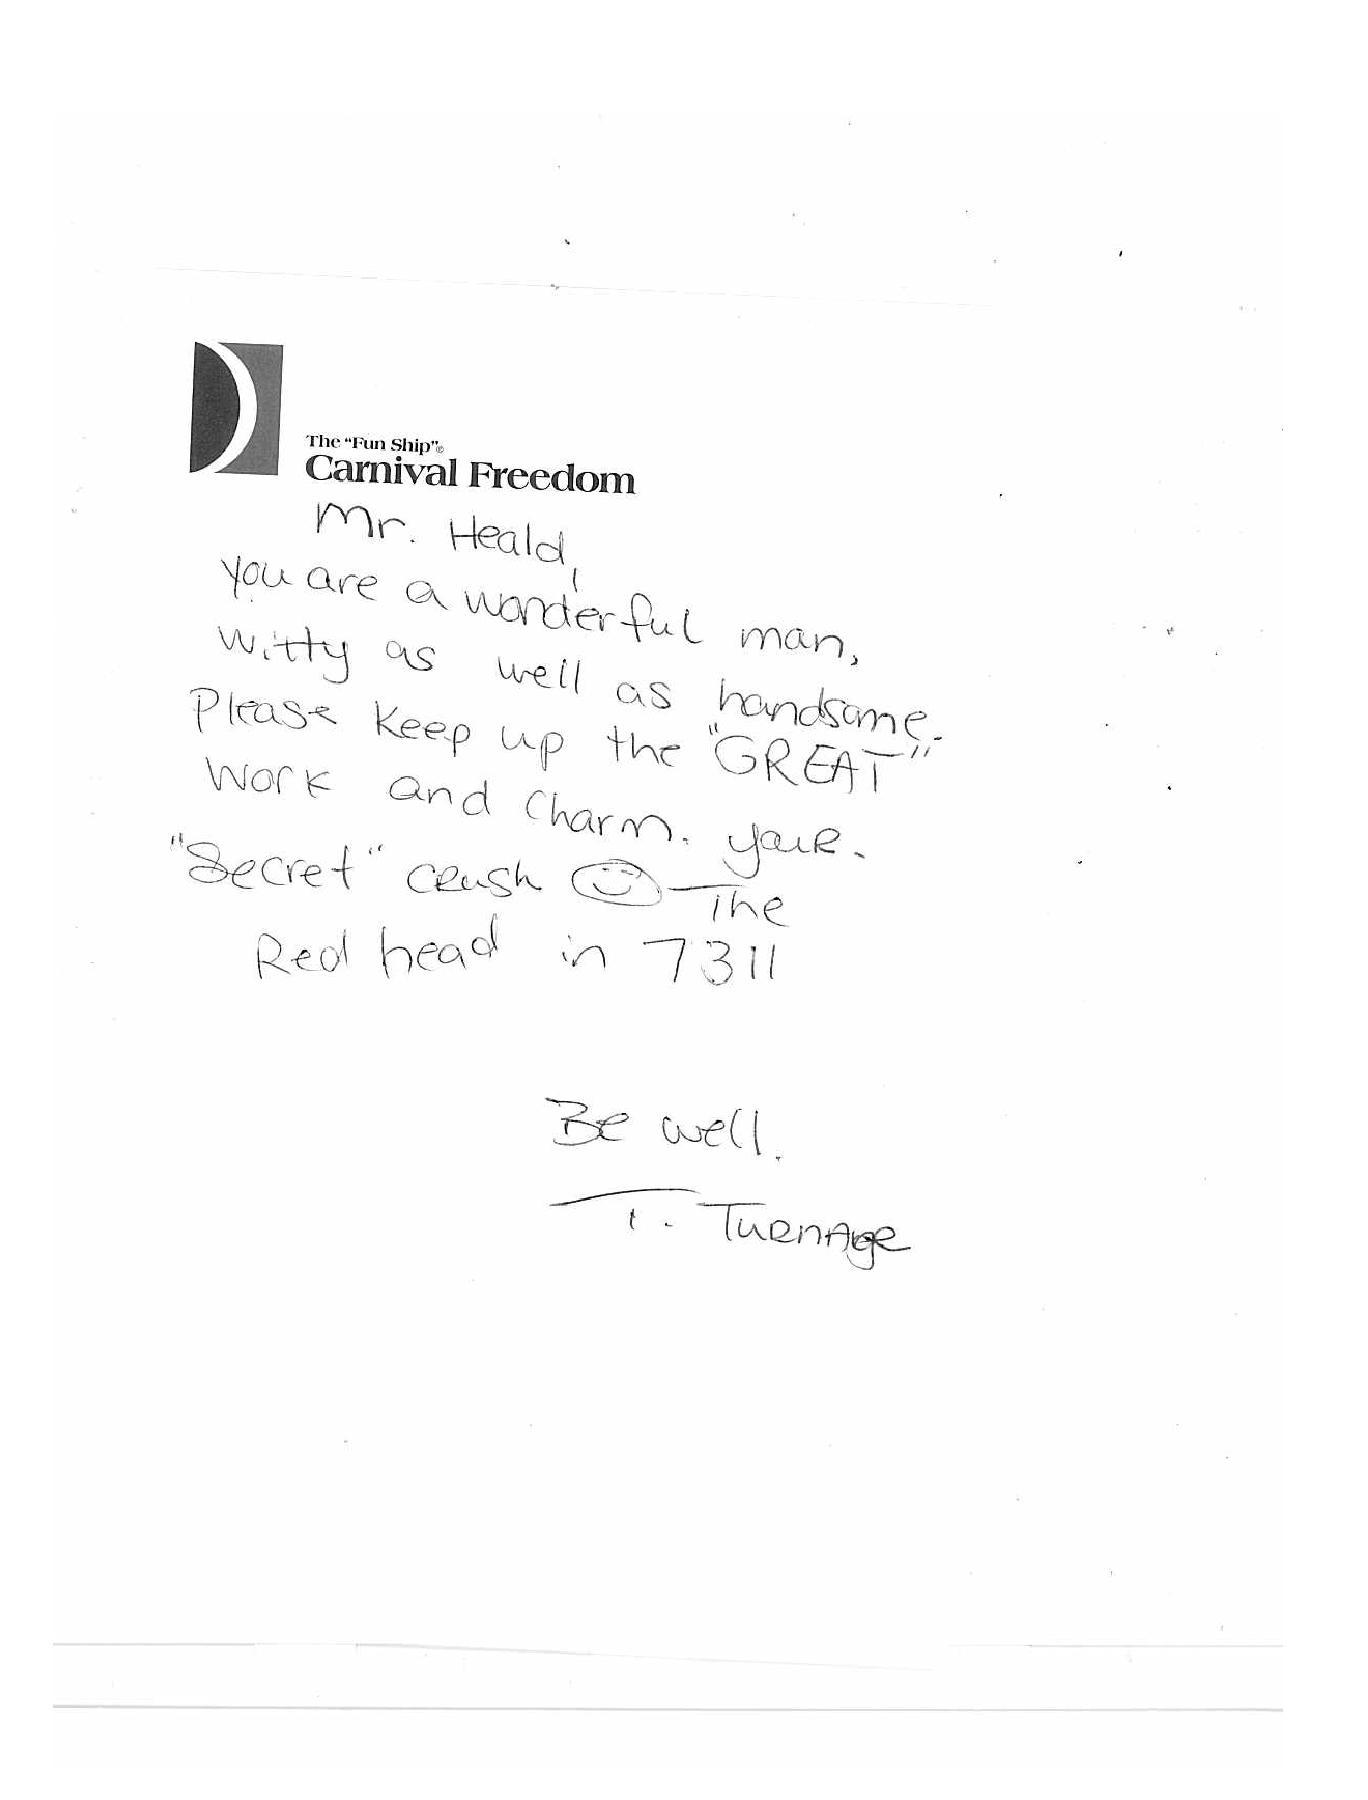 Letter 4